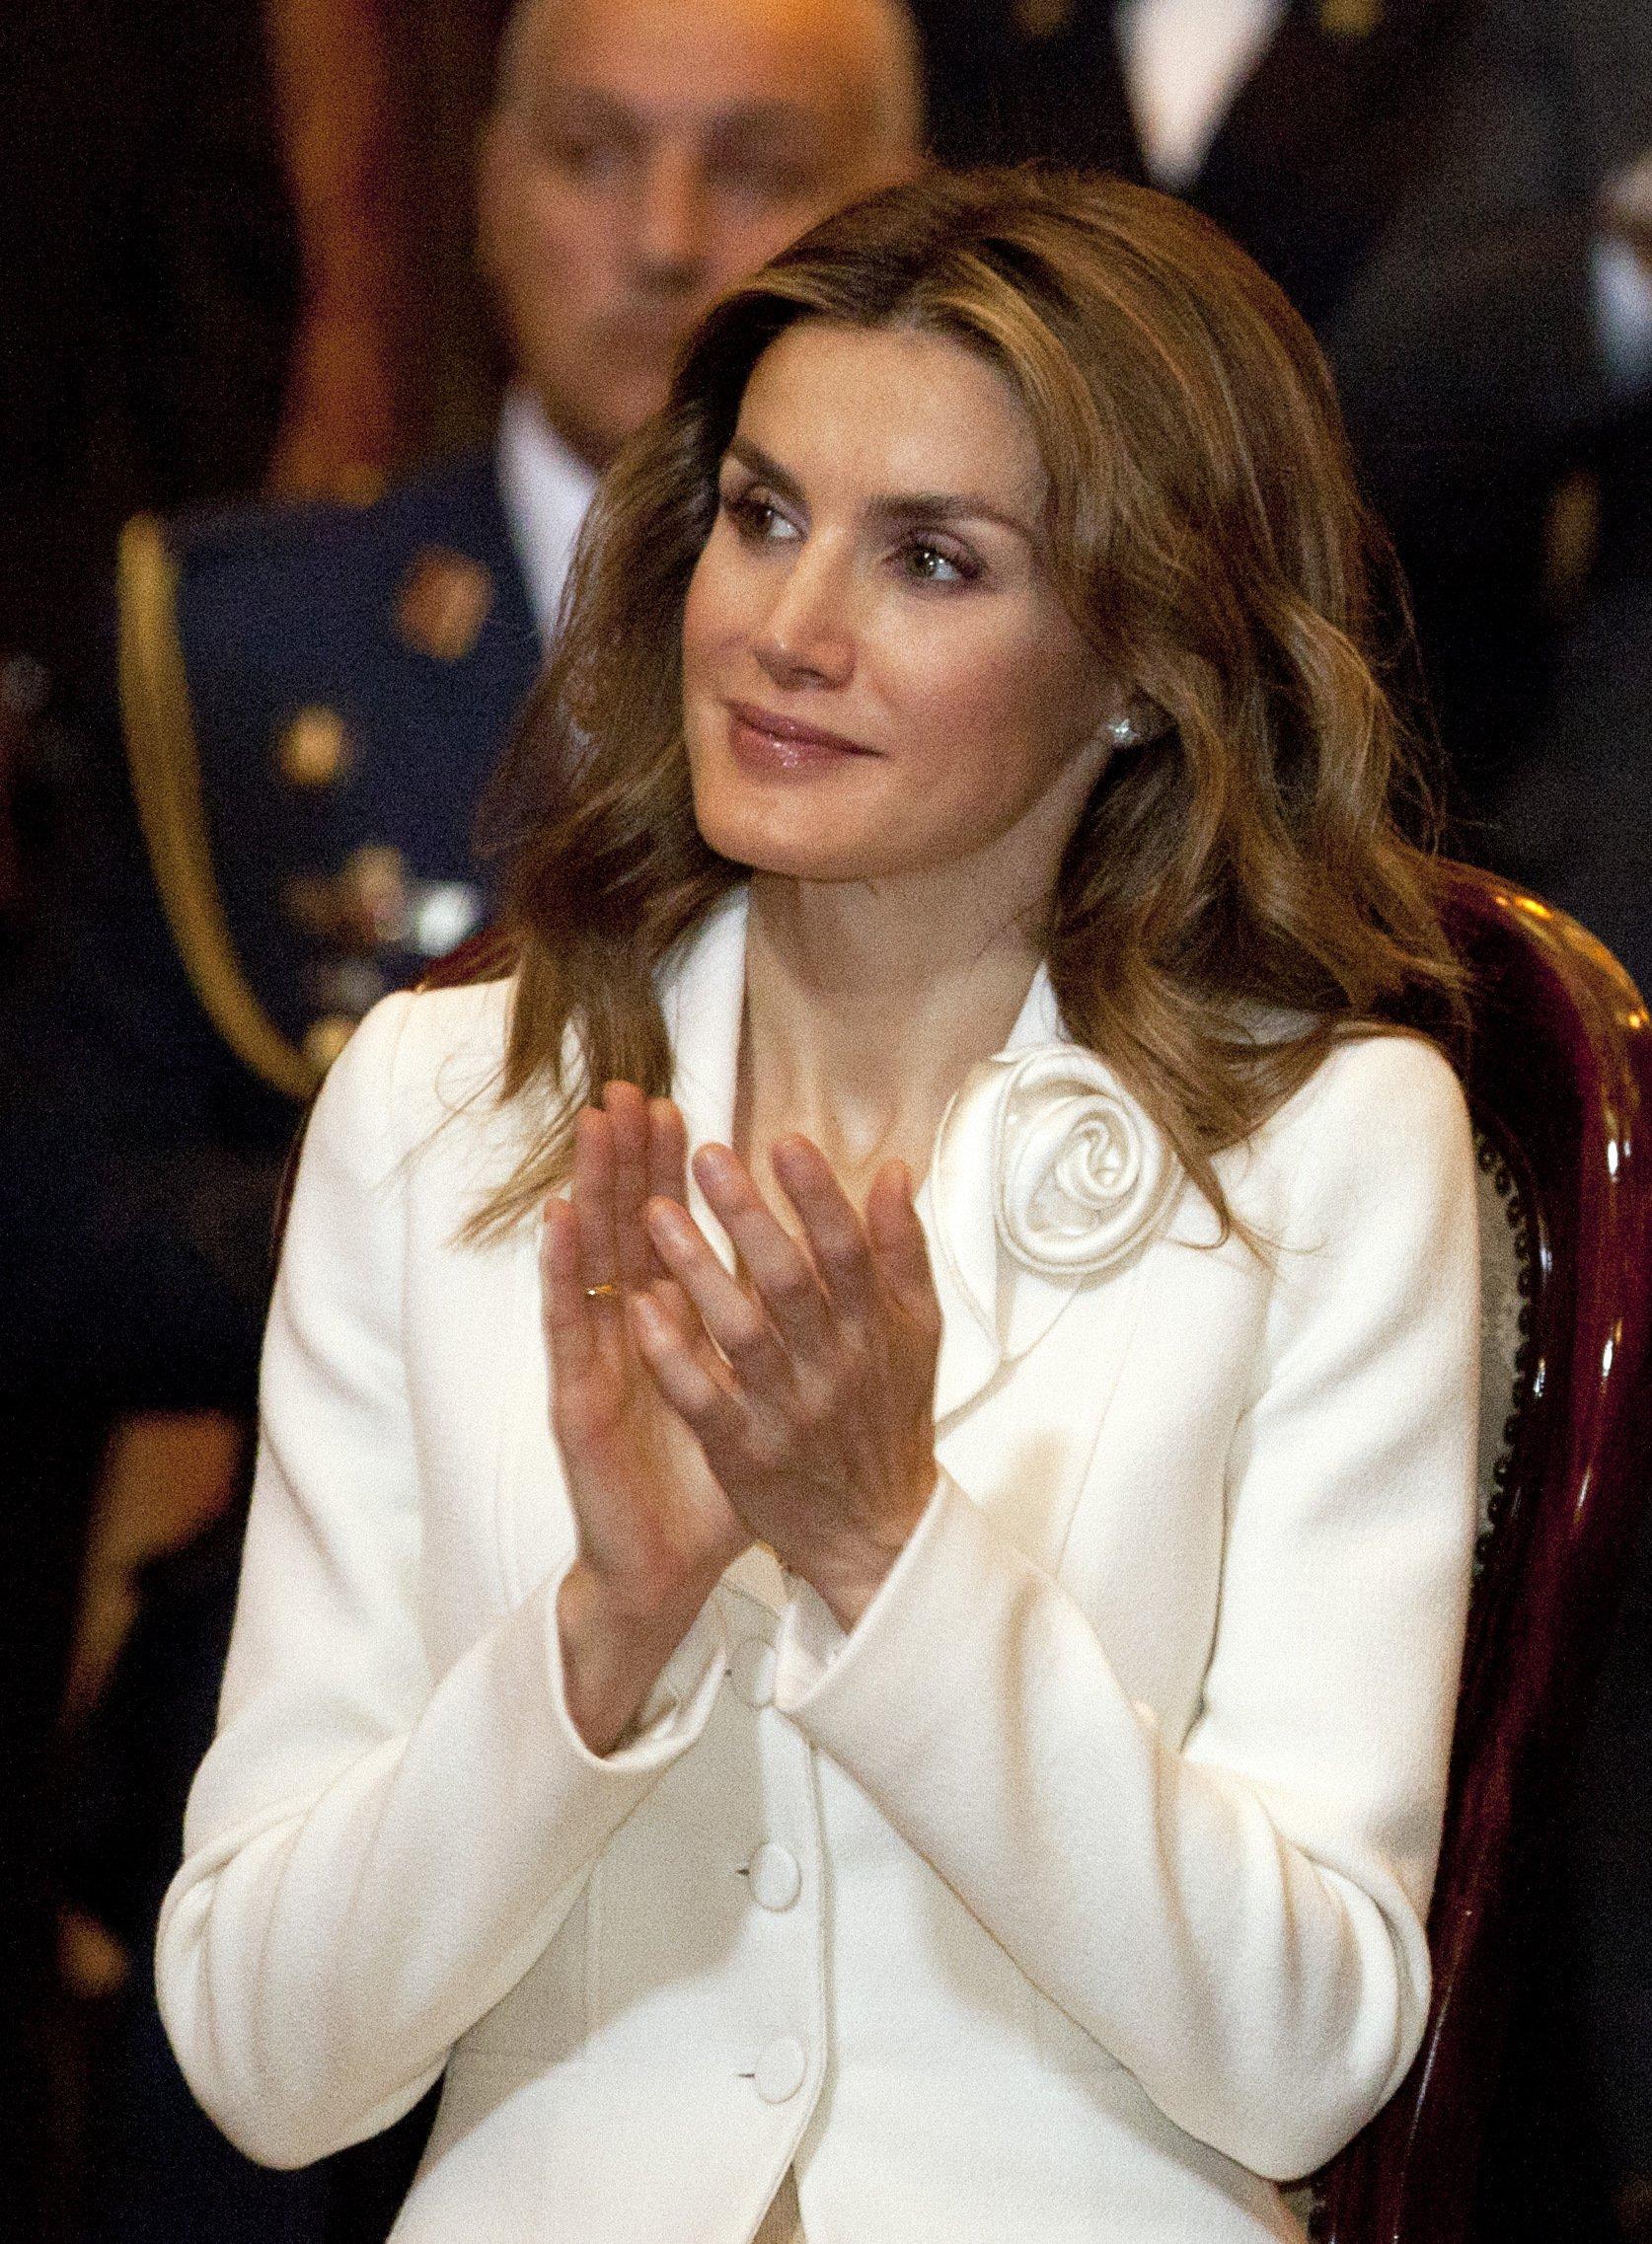 Letizia Ortiz, como Princesa de Asturias, durante una visita oficial a Ecuador en 2012.   Imagen: Wikipedia